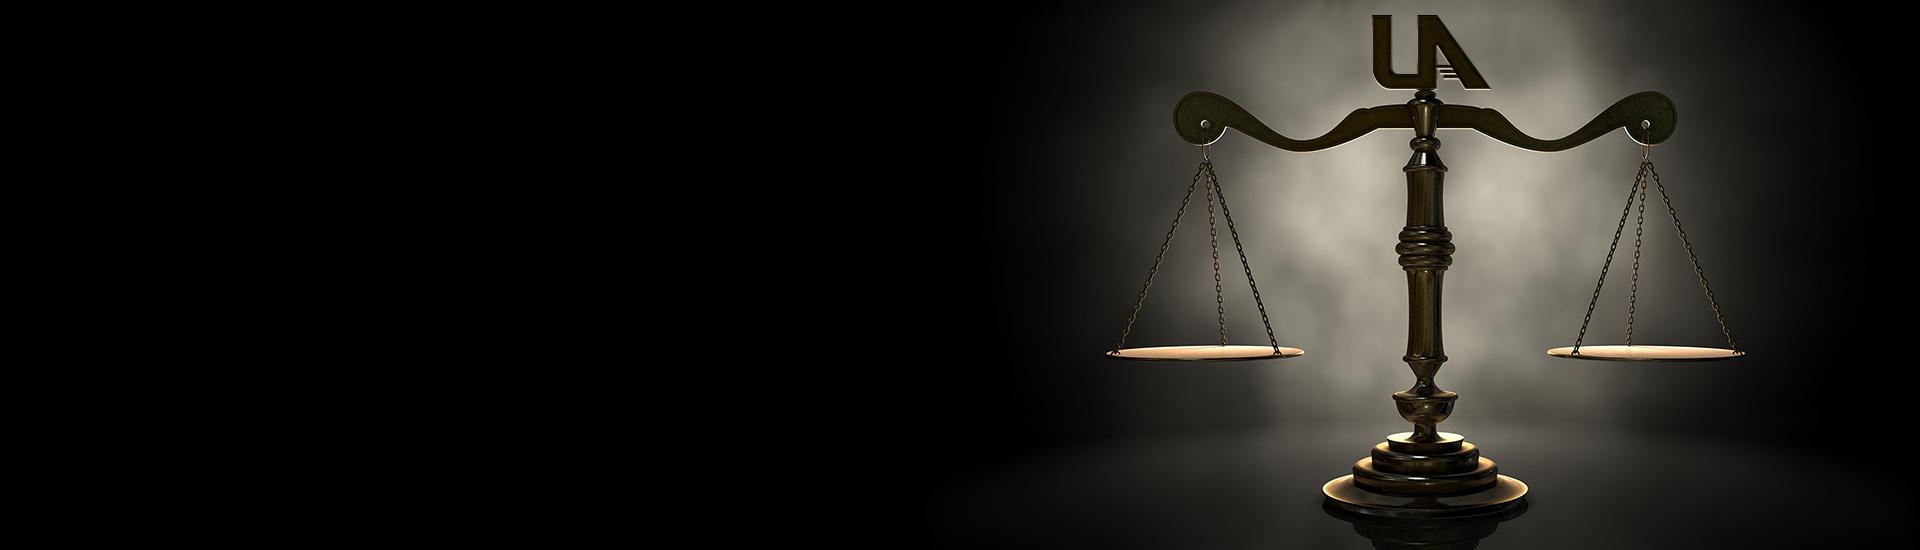 slider_arbitration